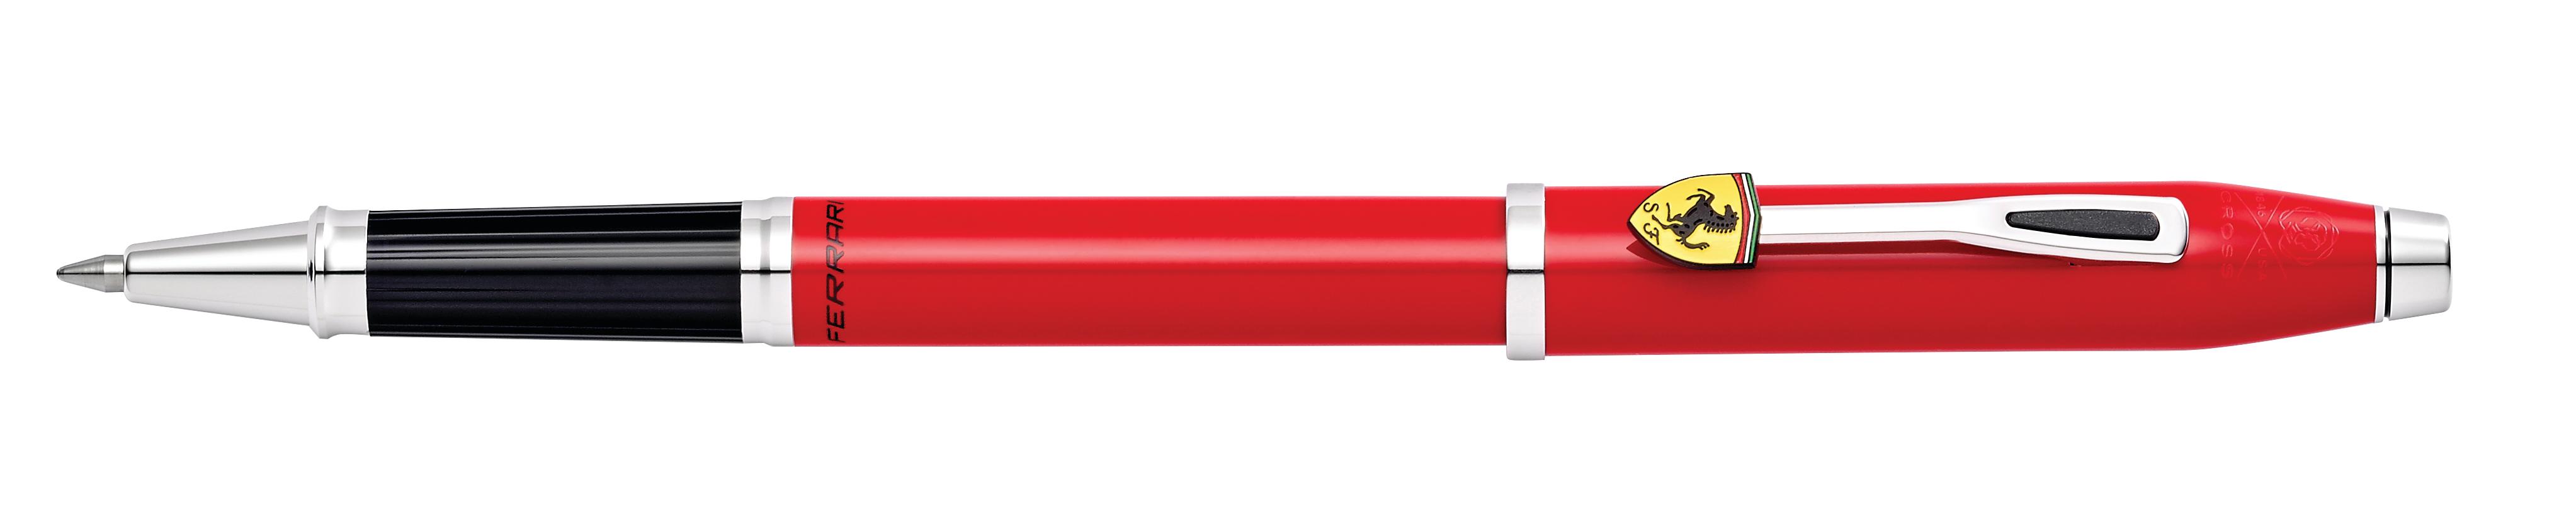 Cross Century II Collection for Scuderia Ferrari Glossy Rosso Corsa Red Lacquer Rollerball Pen